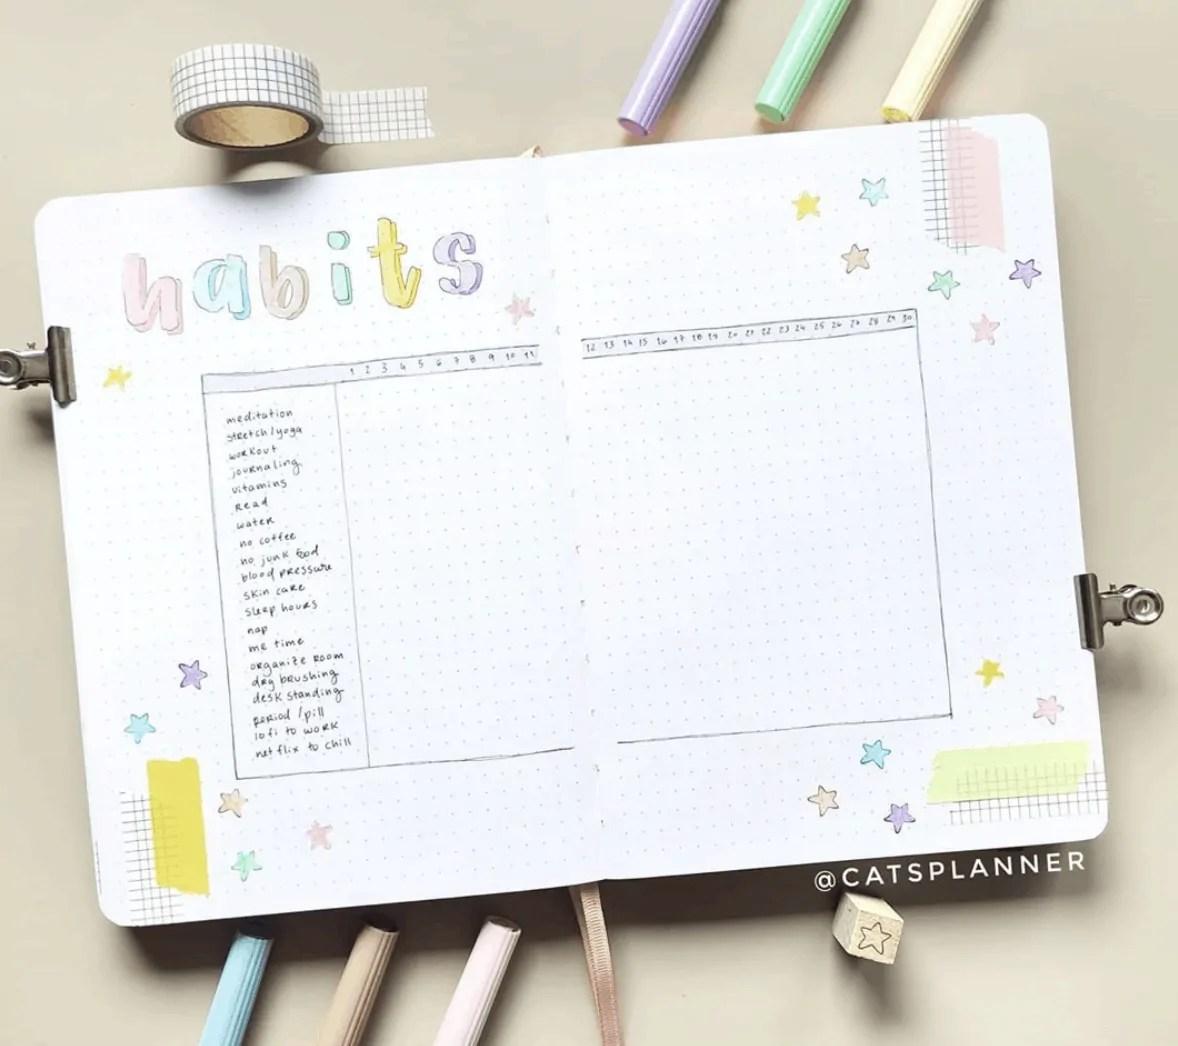 September Bullet Journal Tracker Idea